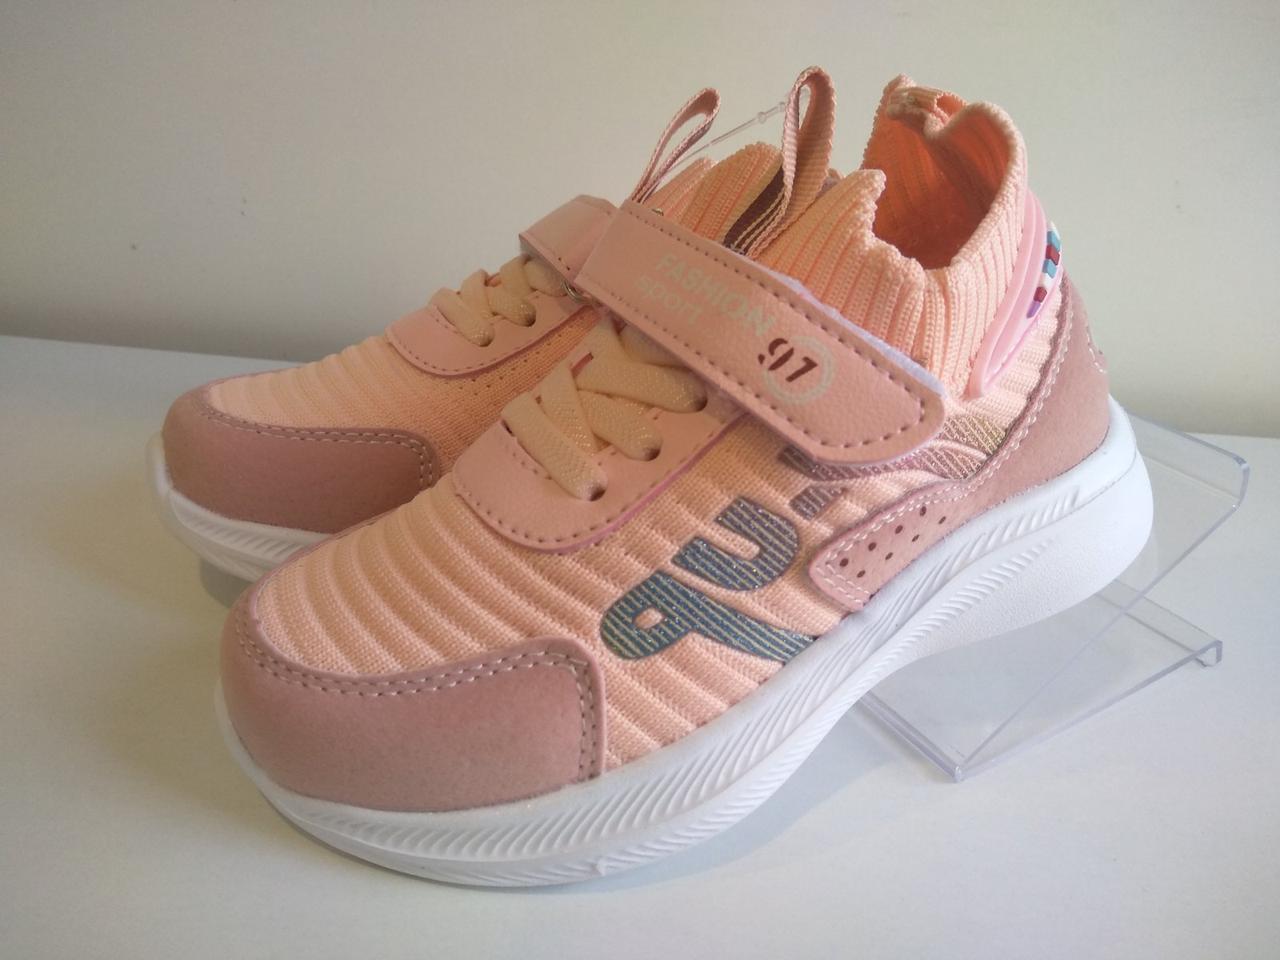 Кроссовки для девочки Tom.m р. 27 (17 см), 30 (18,5 см)